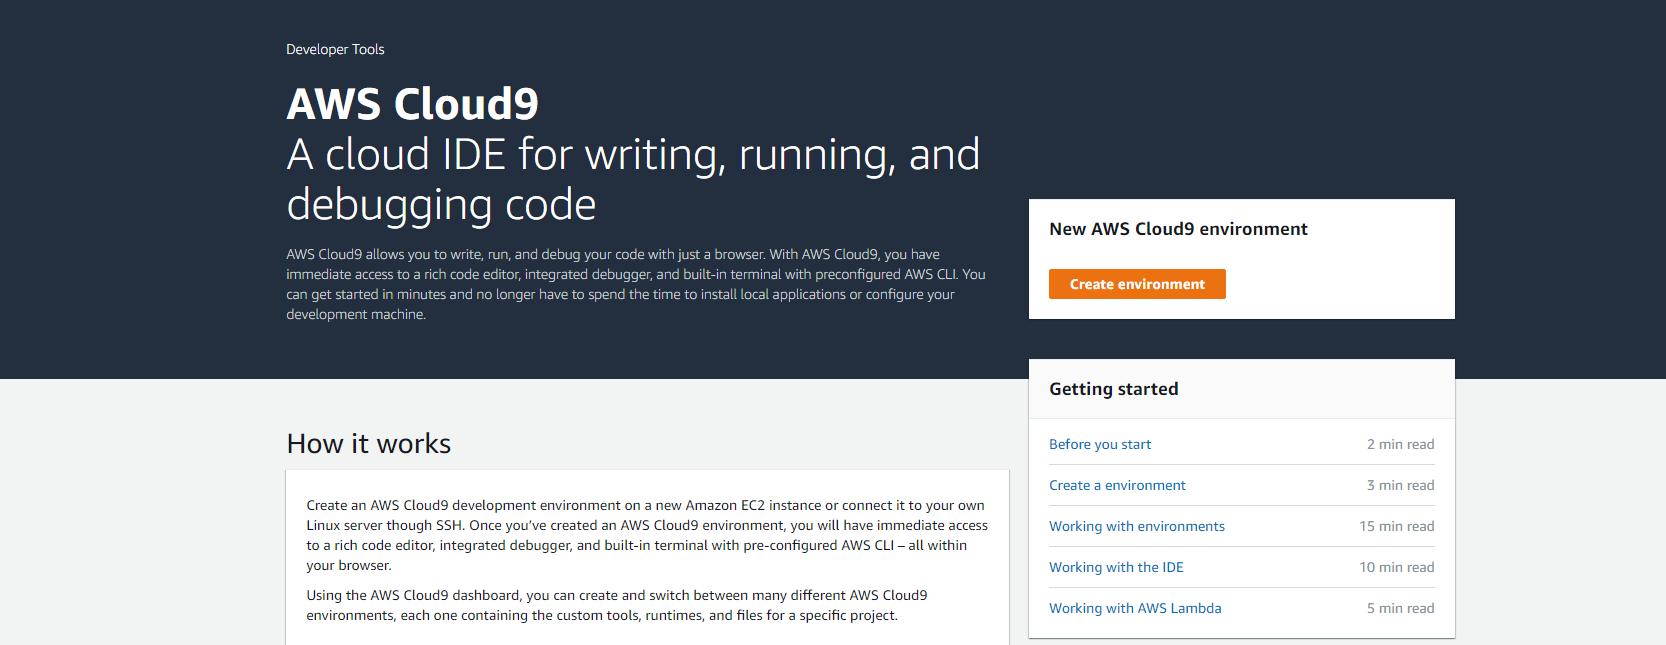 AWS Cloud9 homepage